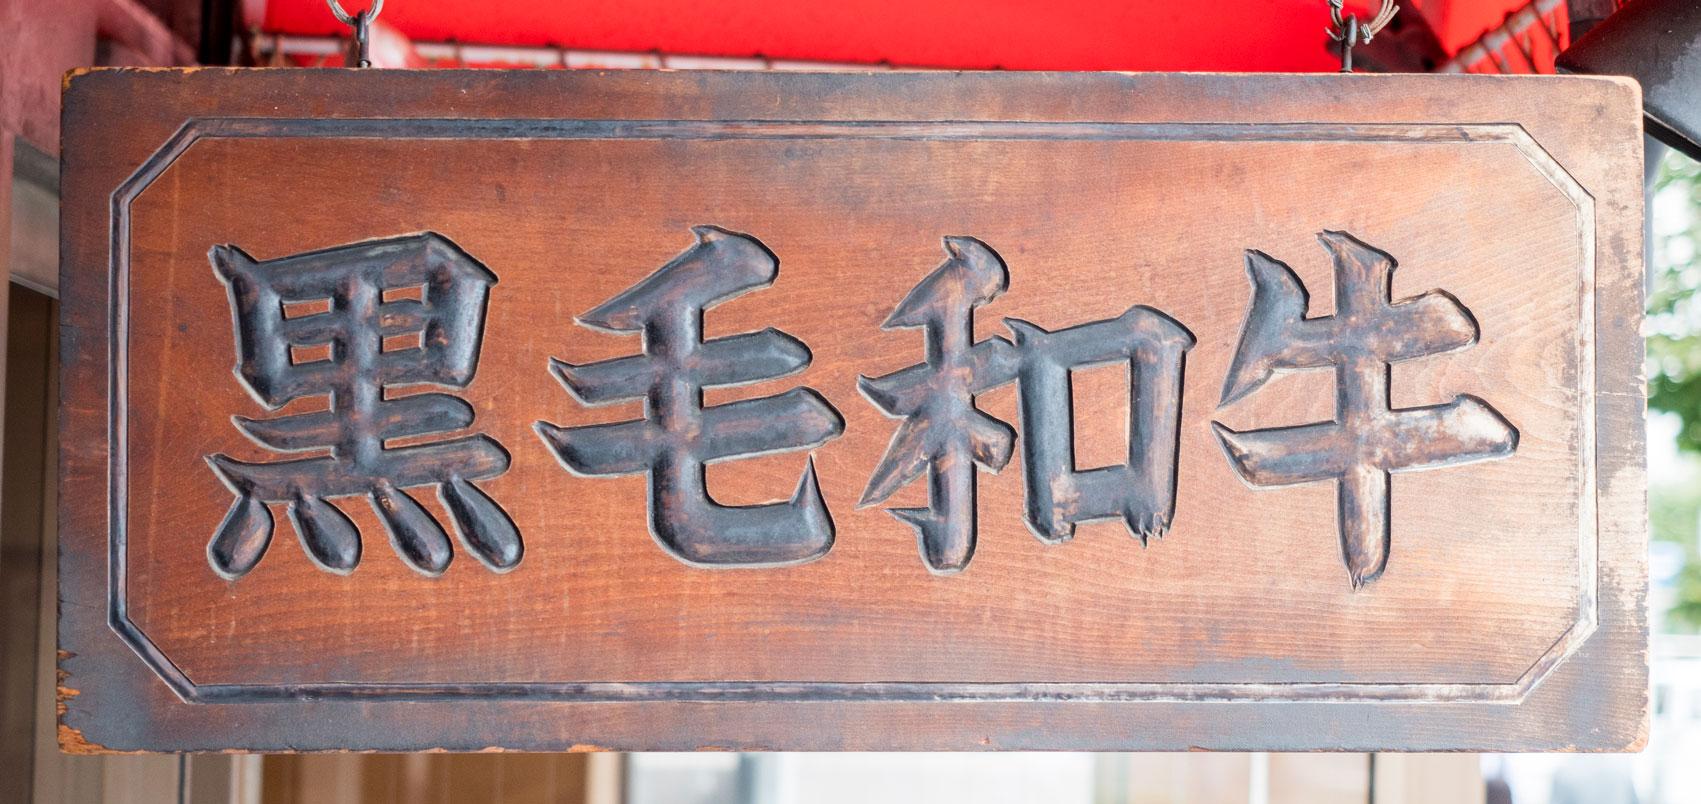 2017-09-23-jp-tokyo-asakusa-signboard-04.jpg